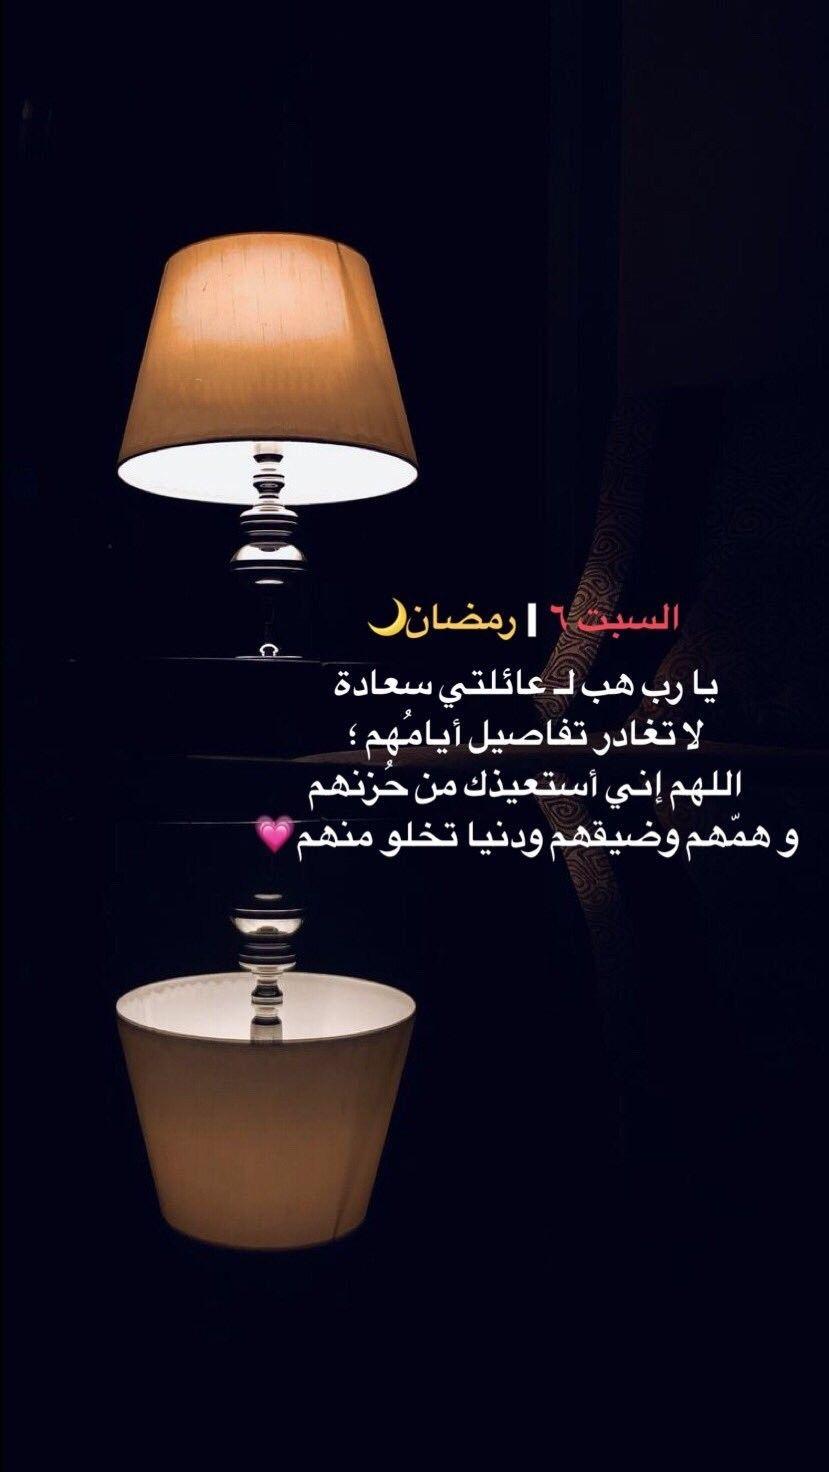 ٦ رمضان Ramadan Kareem Photo Quotes Ramadan